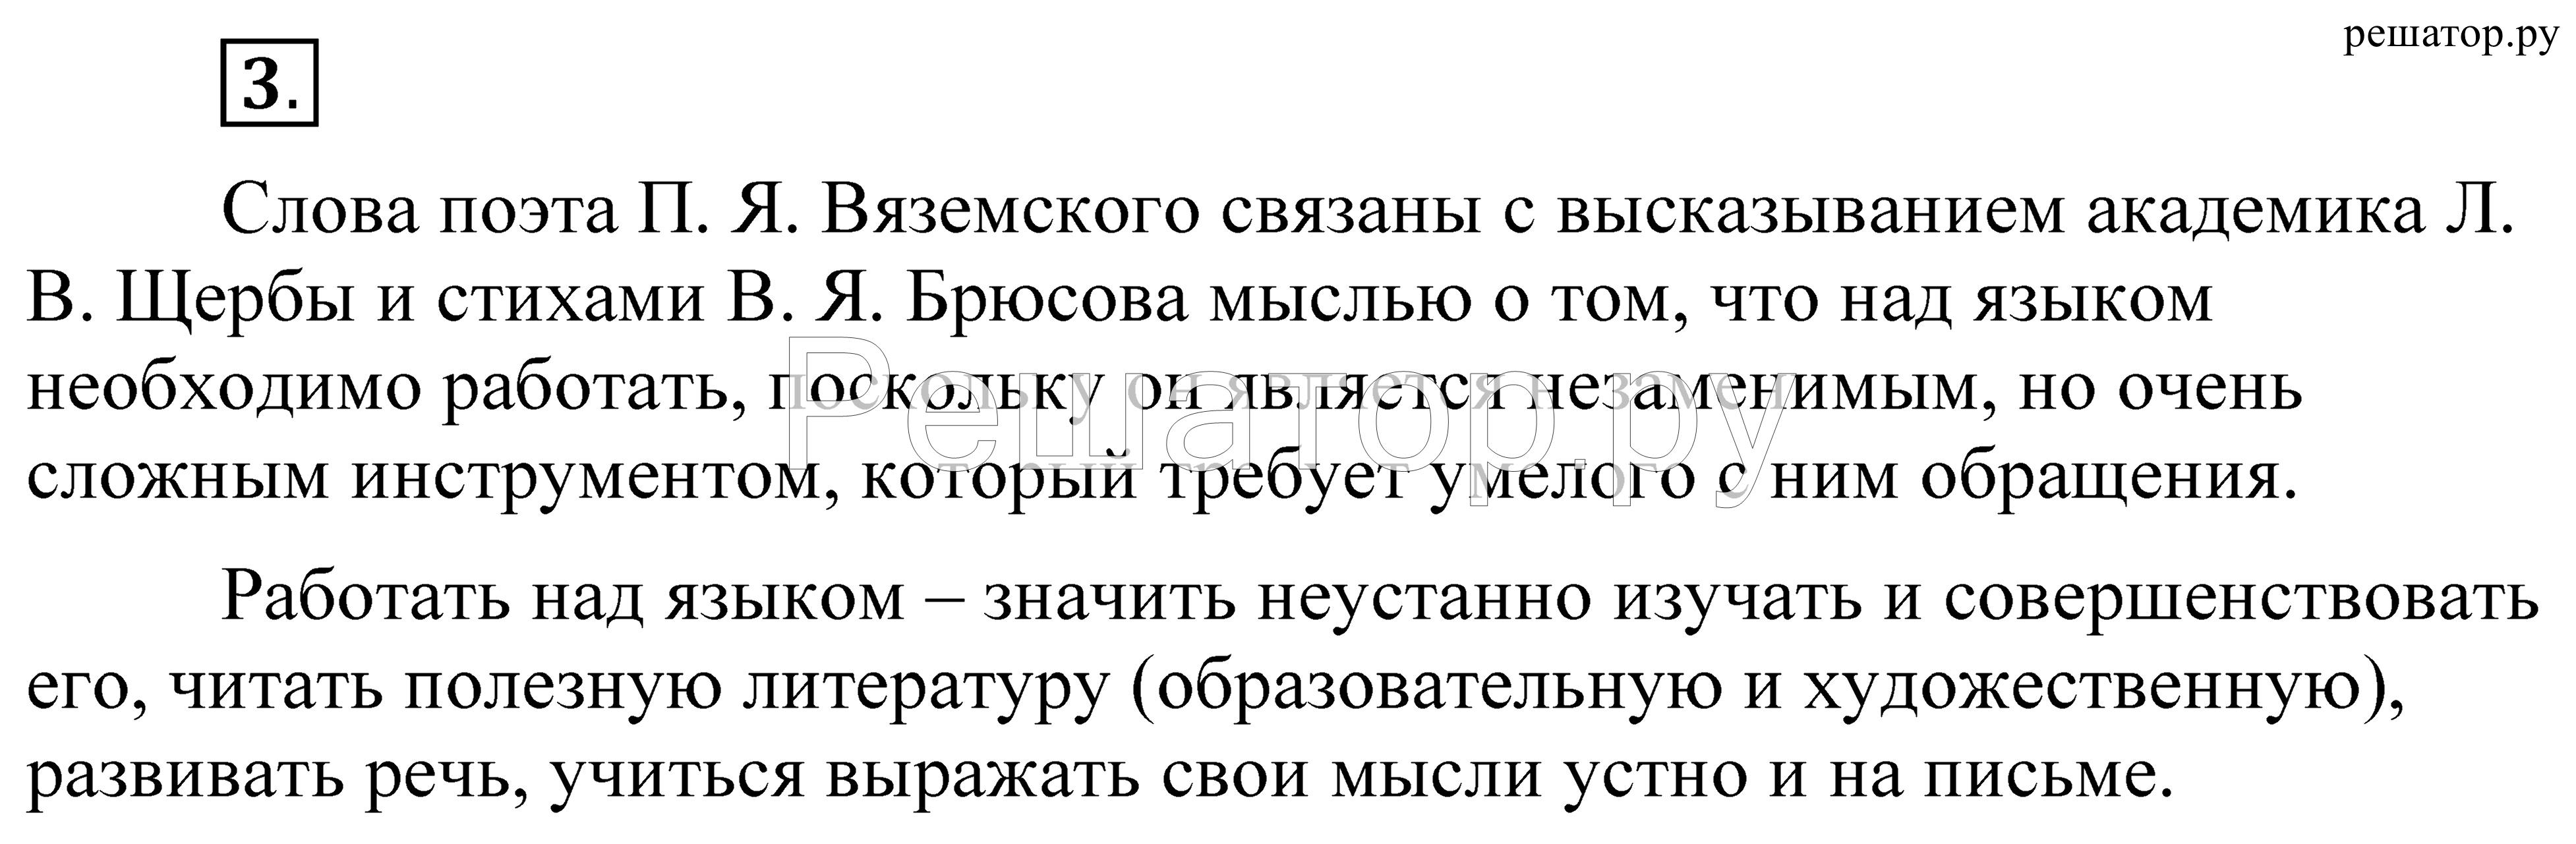 русский язык 8 класс быстрова гдз